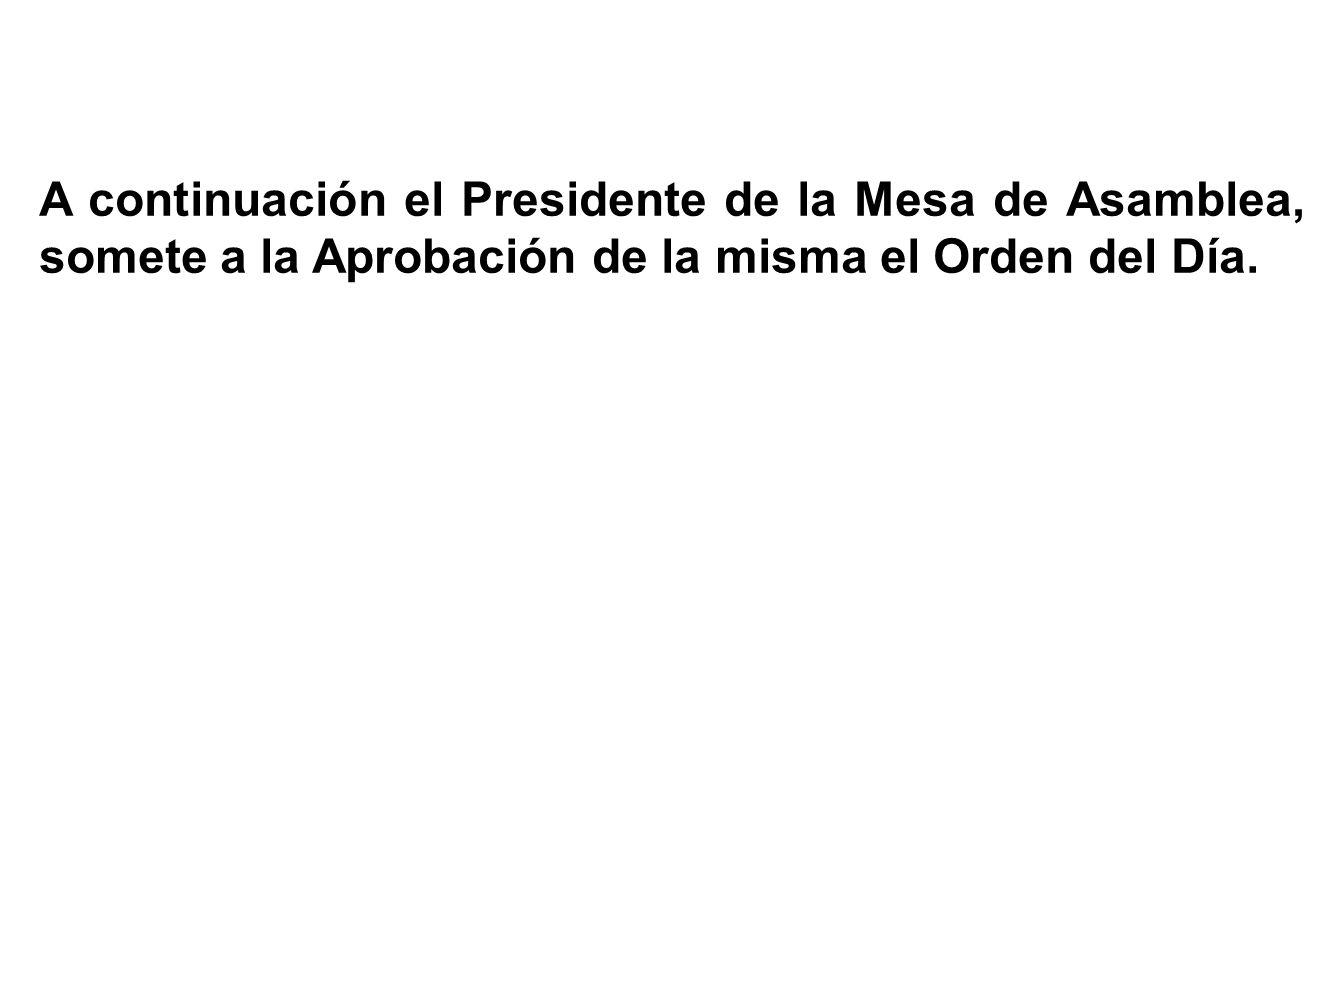 A continuación el Presidente de la Mesa de Asamblea da lectura al Orden del Día, que se compone de los siguientes puntos: PUNTO PRIMERO: Lectura y aprobación, si procede, del Acta de la Sesión anterior celebrada el 5 de marzo de 2007.